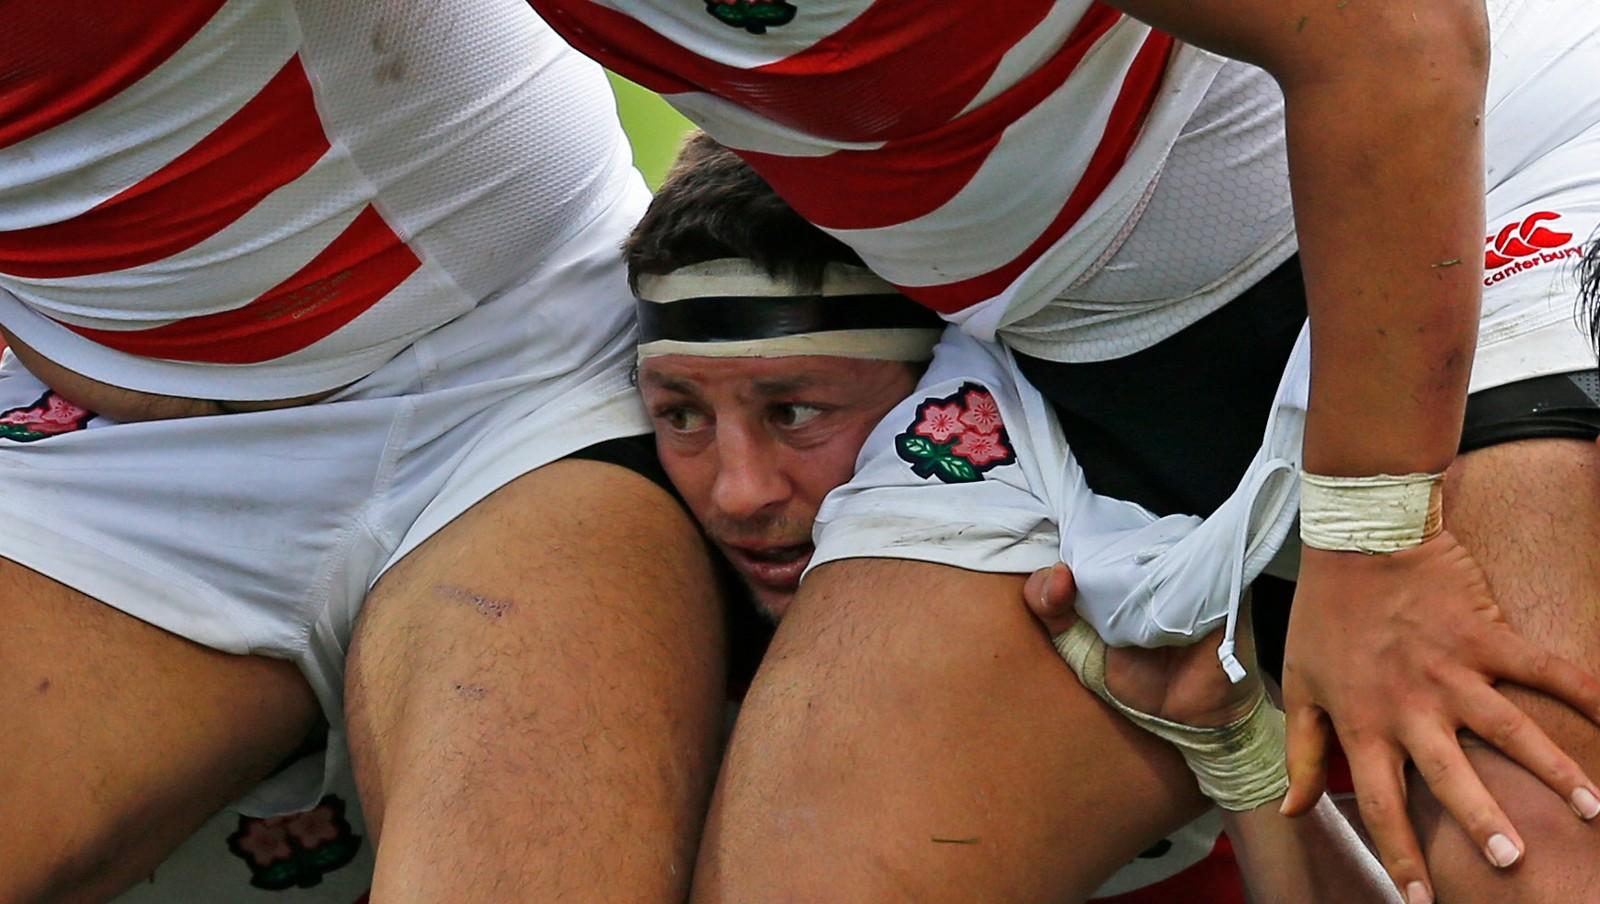 Skottland møtte Japan i gruppespillet i verdensmesterskapet i Rugby i september. Japans Luke Thompson titter frem i midten.